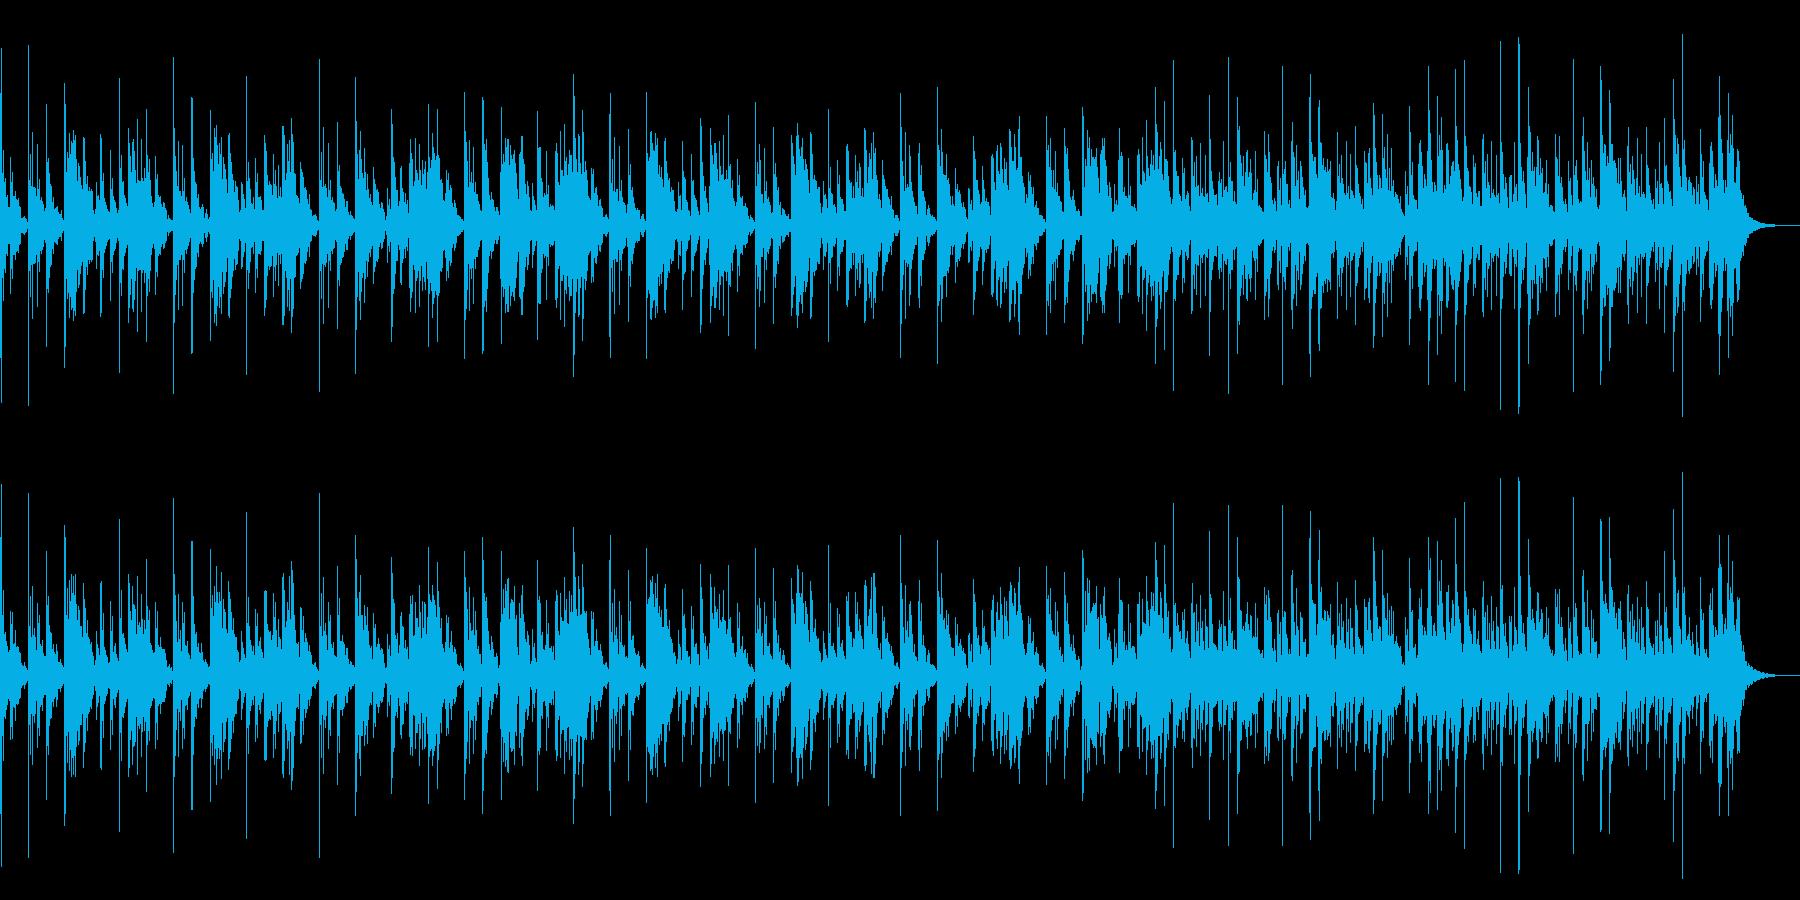 太鼓中心の打楽器BGM ドンドコ 50秒の再生済みの波形